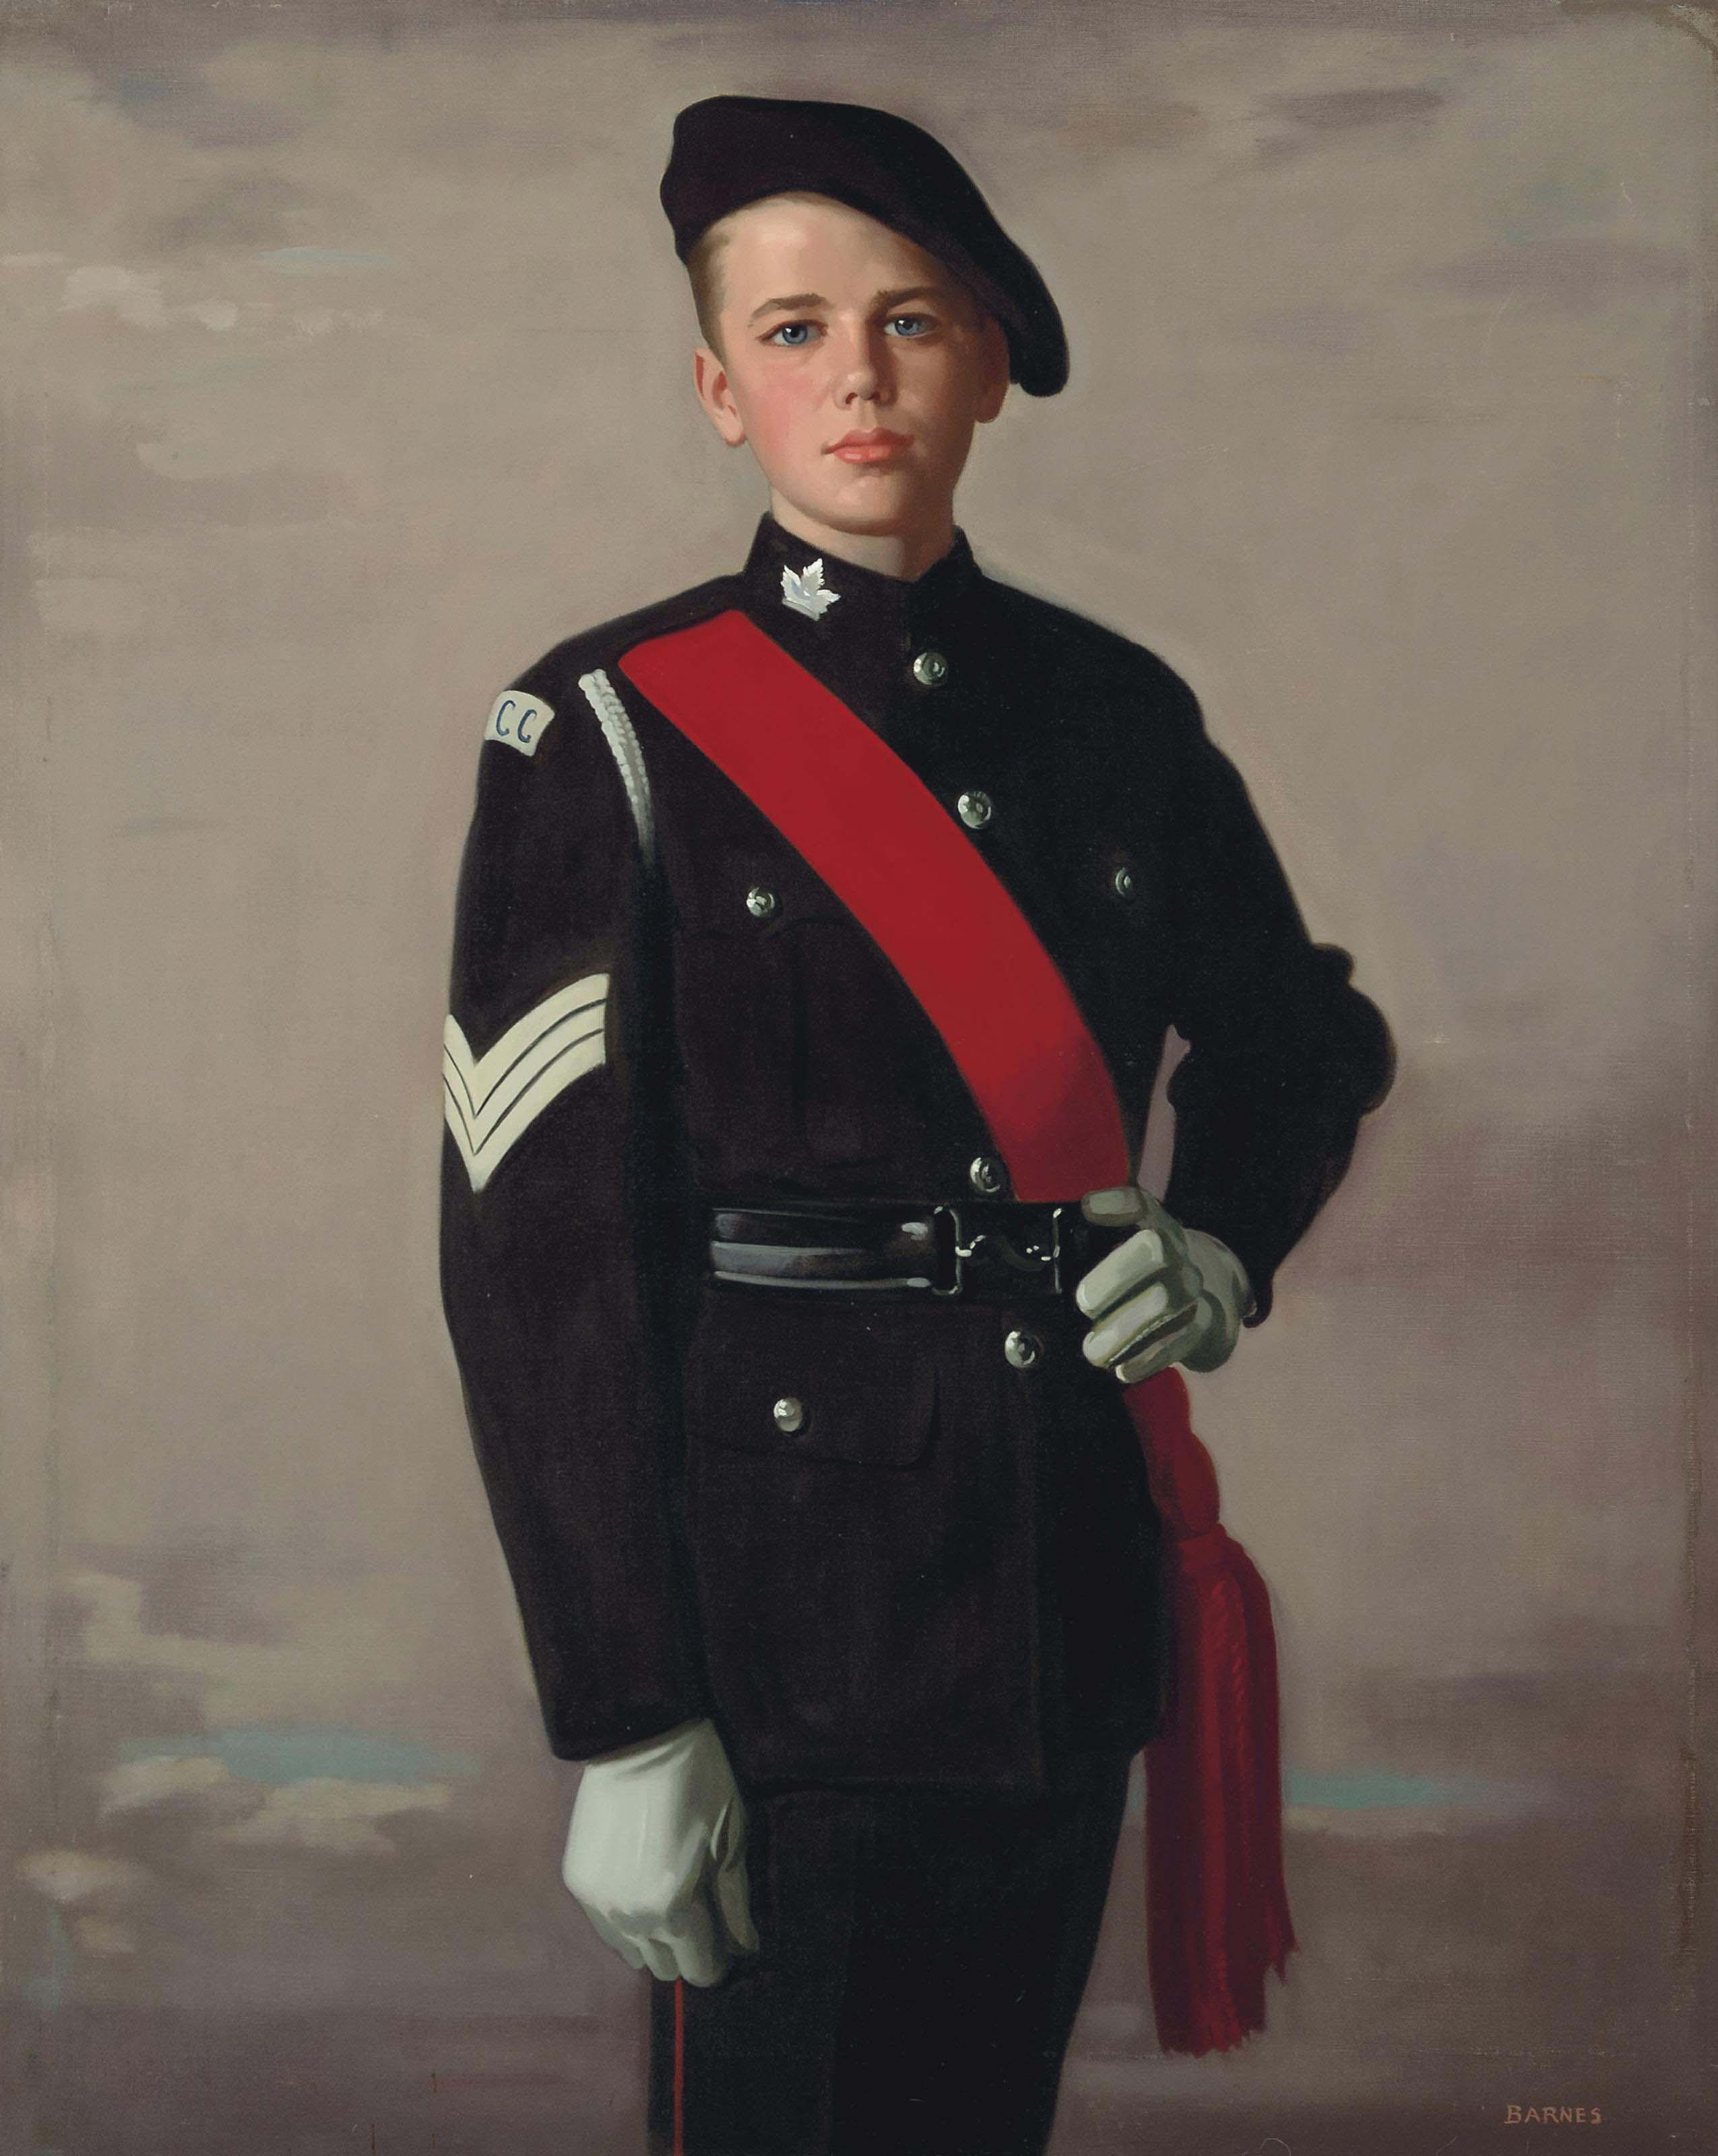 An Upper Canada Cadet